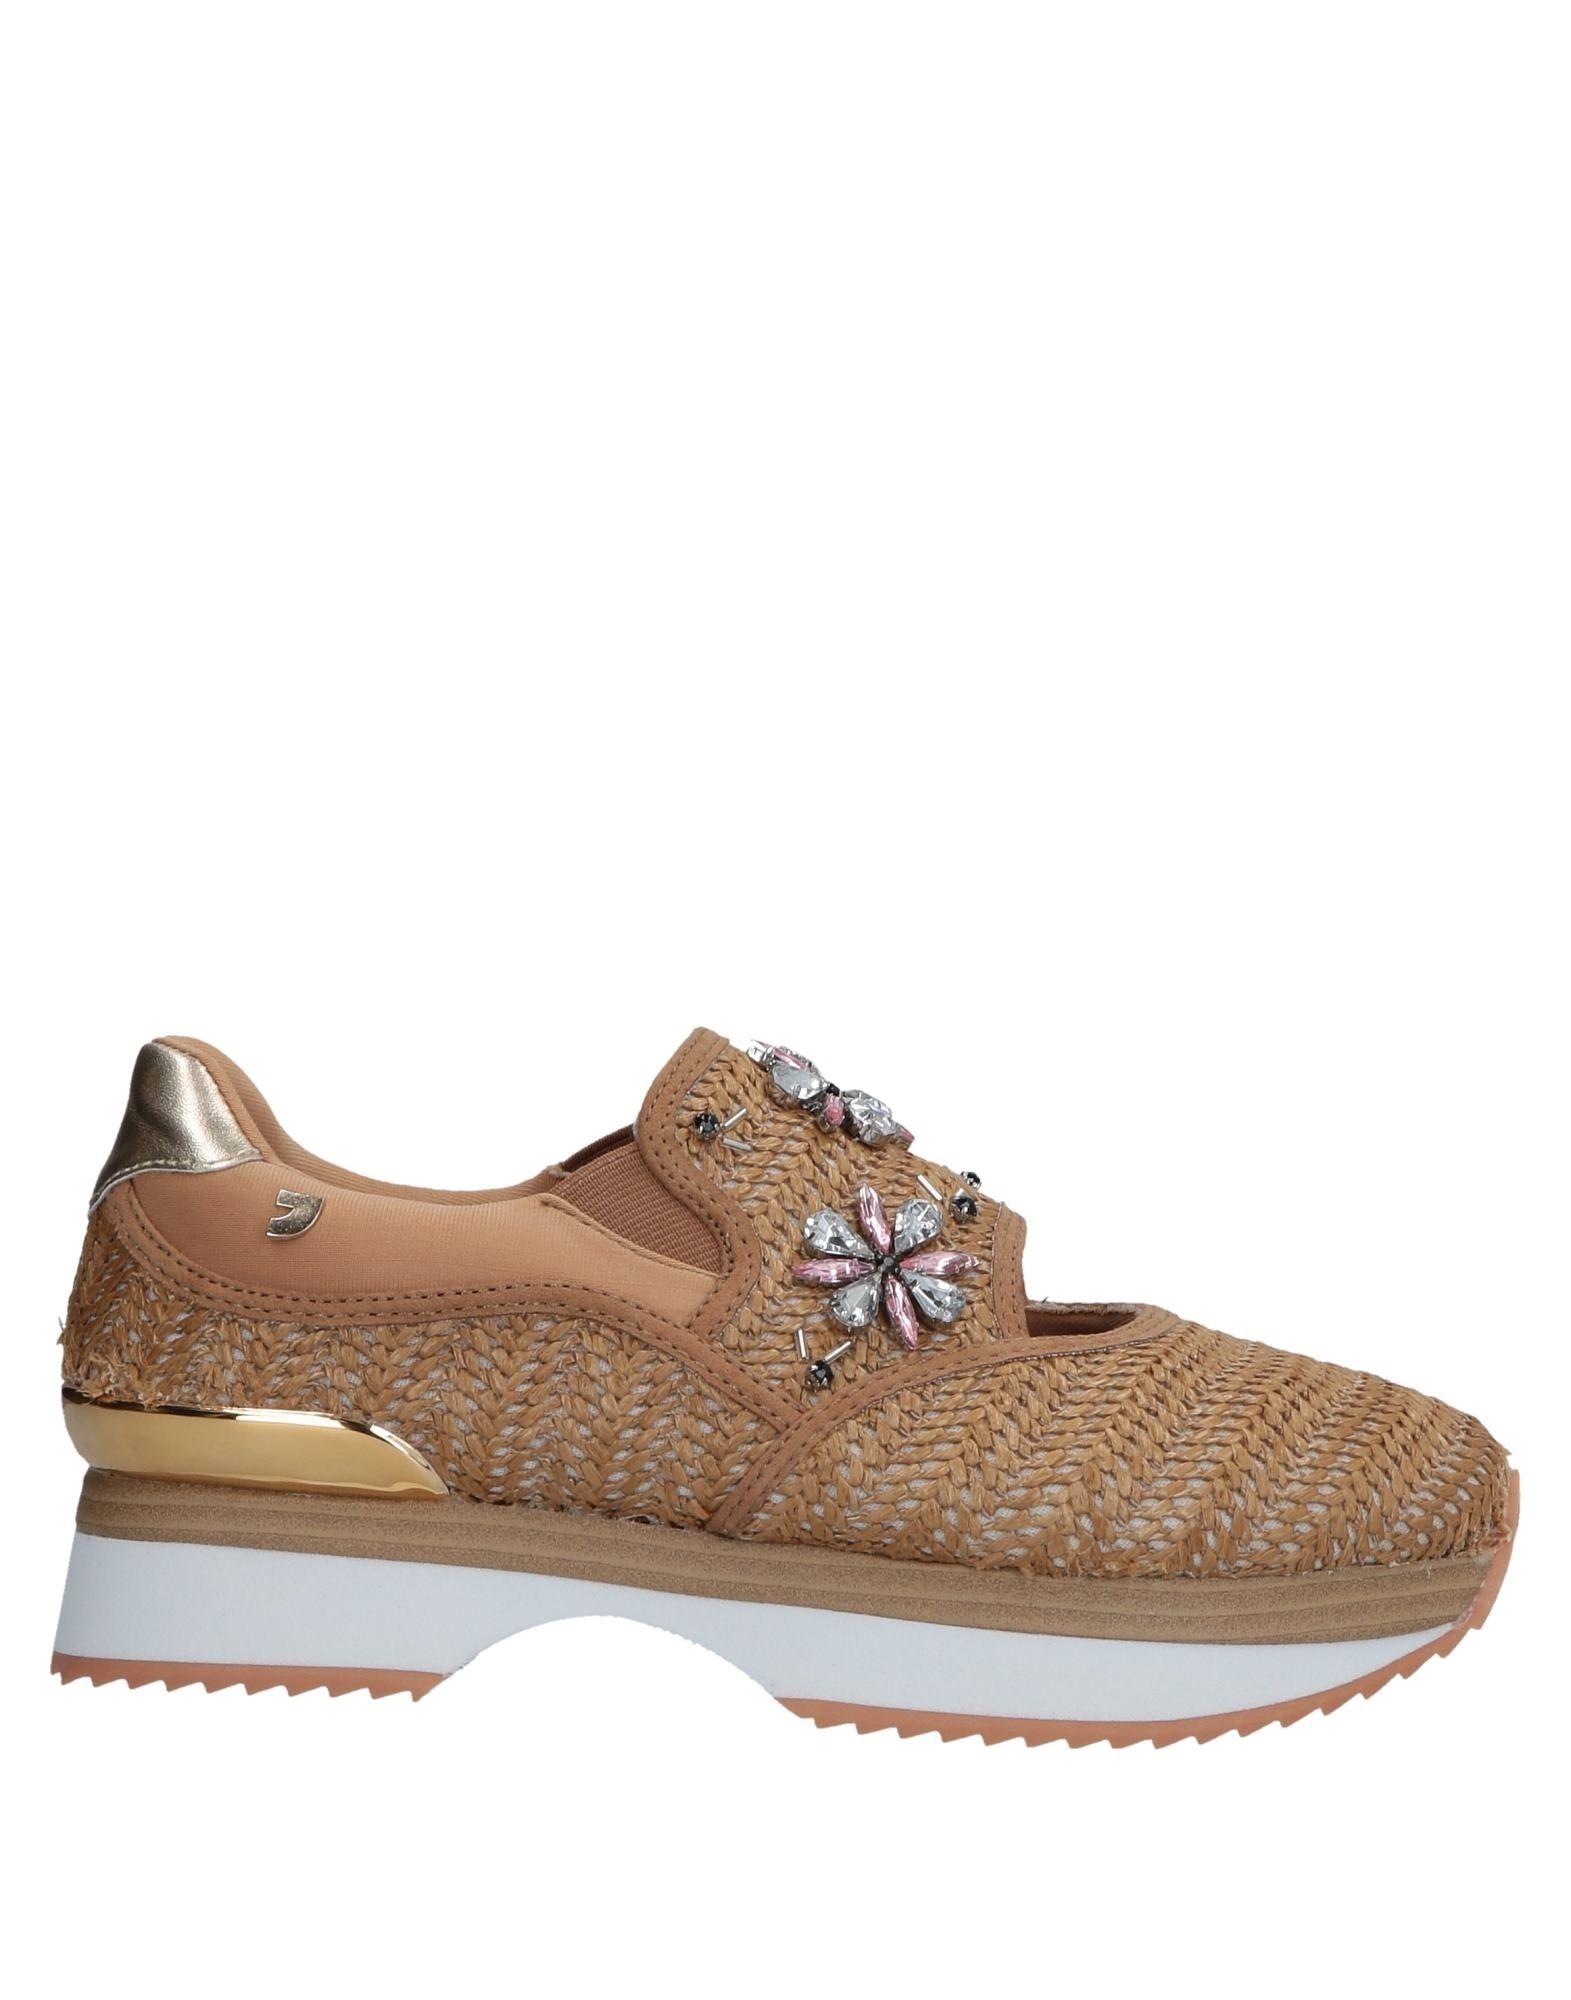 Gioseppo Sneakers - Women Gioseppo Canada Sneakers online on  Canada Gioseppo - 11575590WT 4f0201